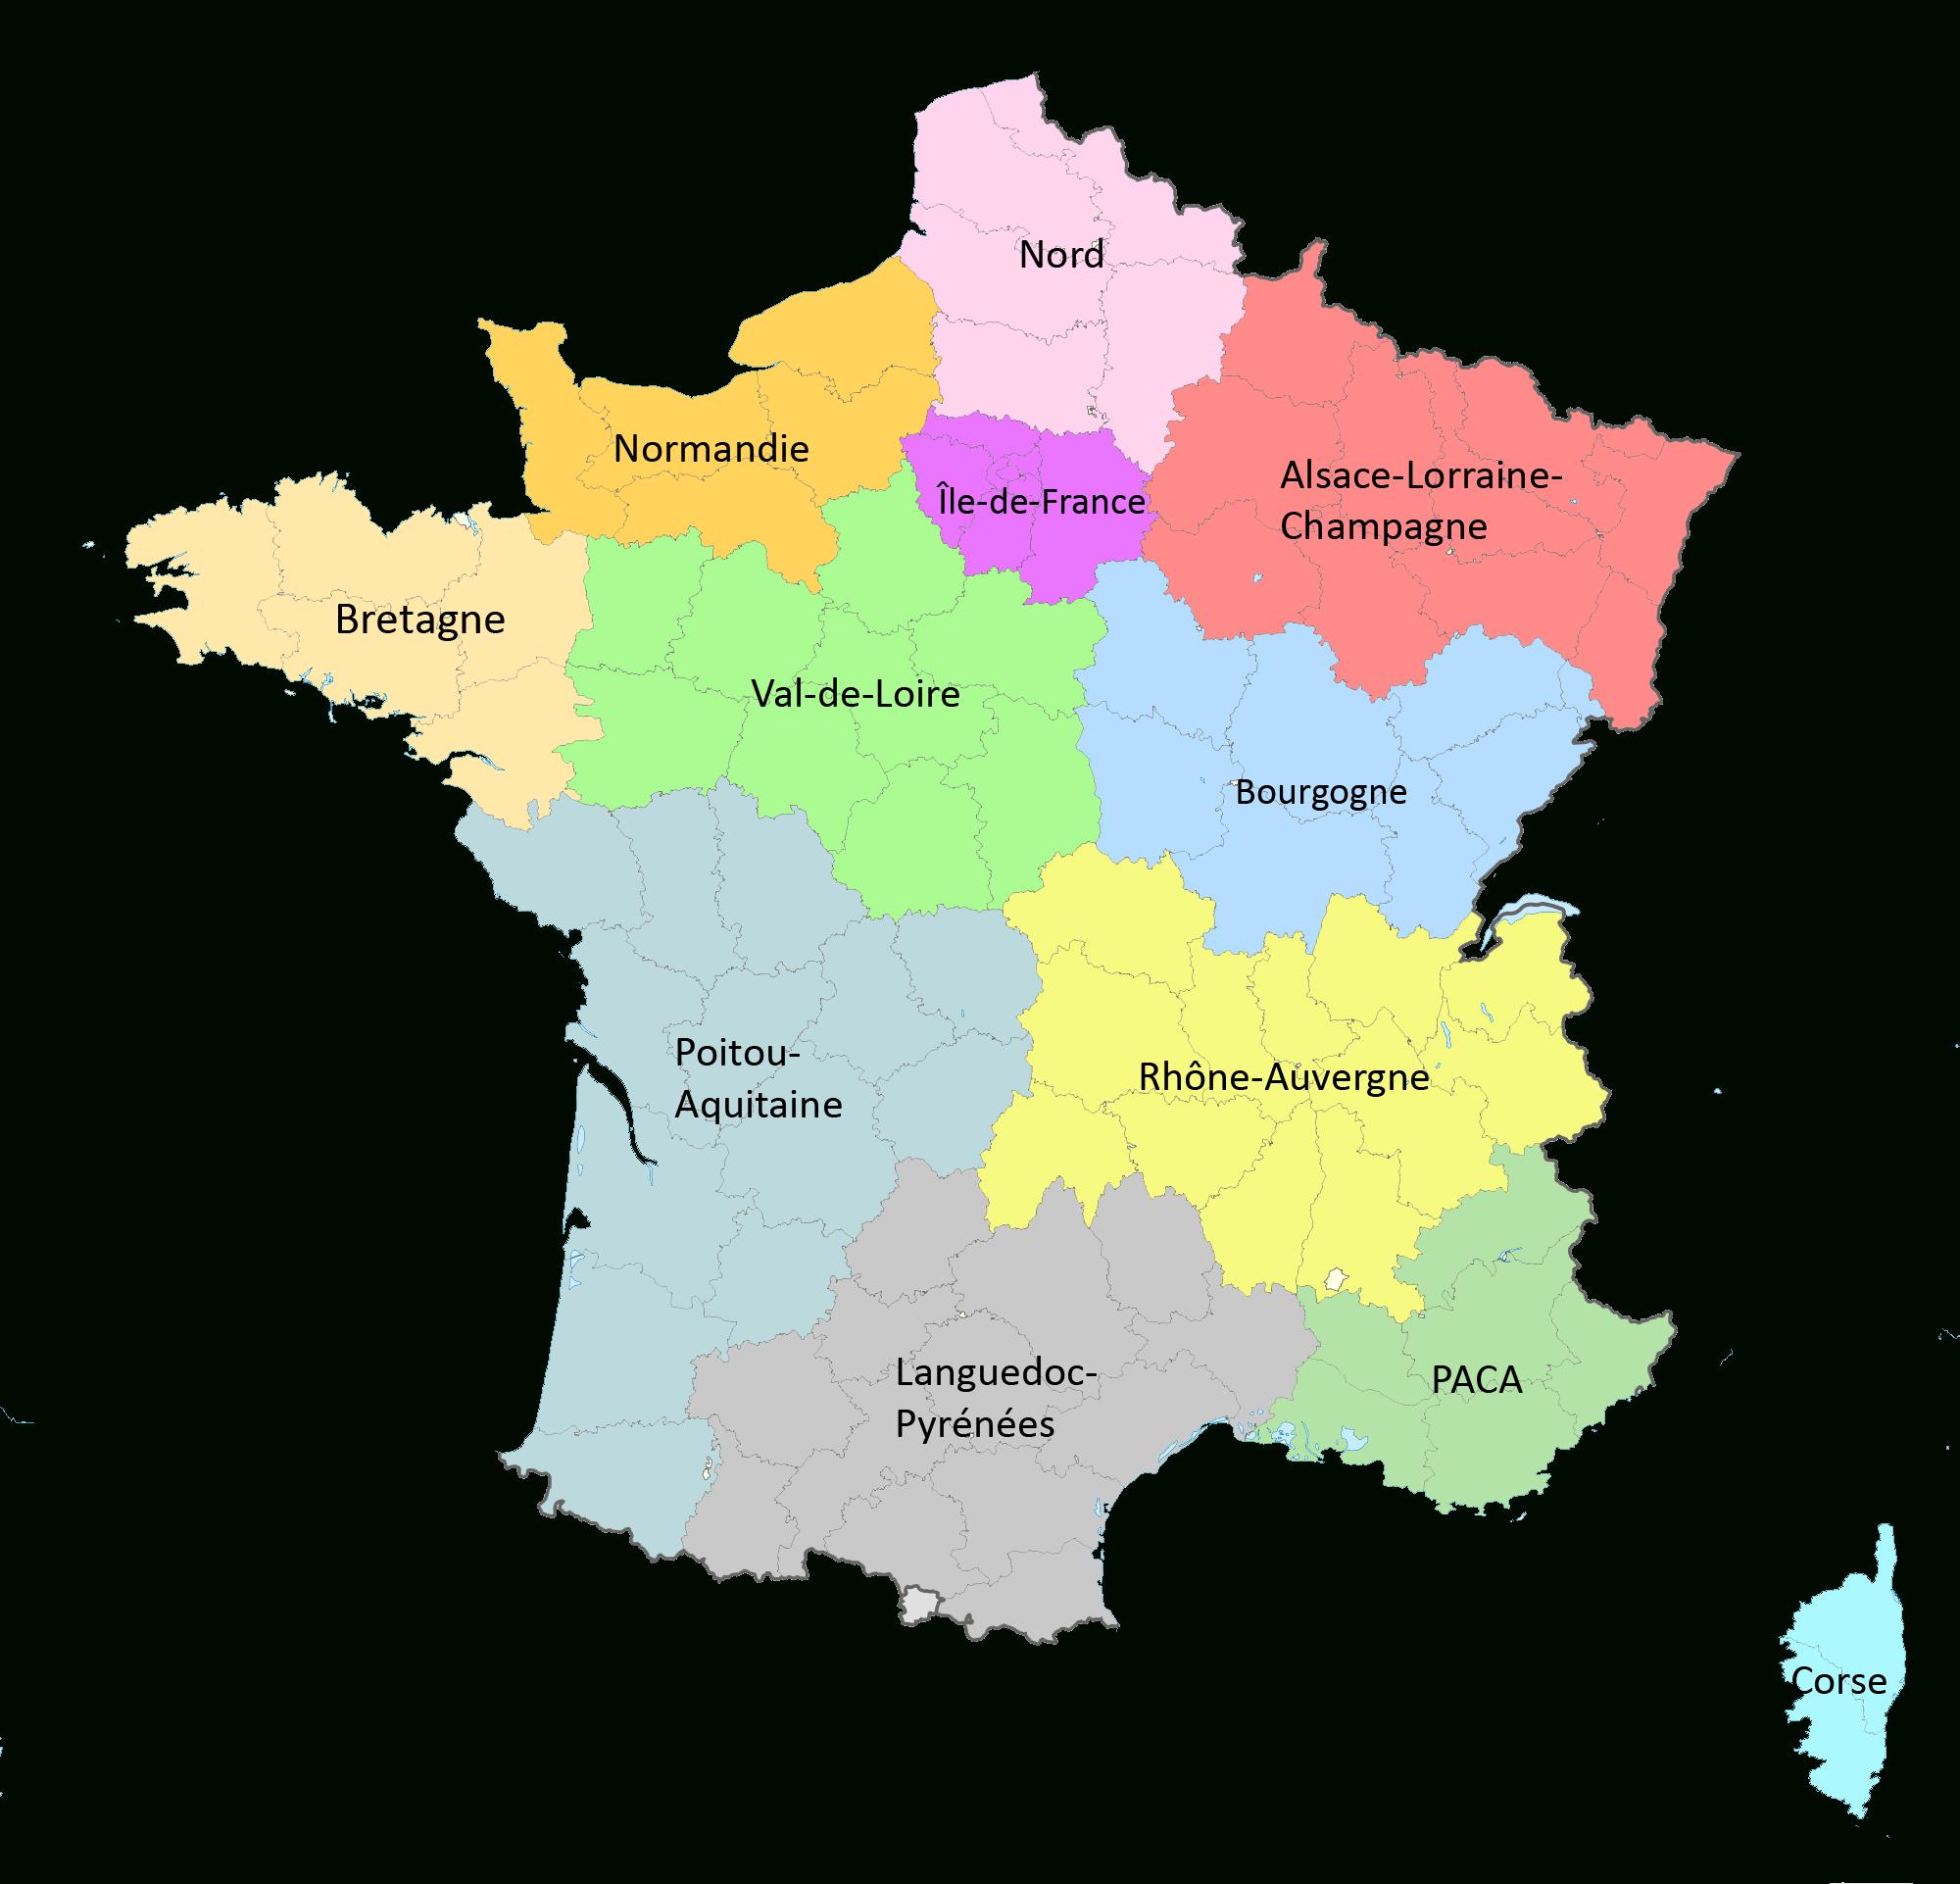 Réforme Territoriale : Une Nouvelle Carte À 12 Régions encequiconcerne Nouvelle Carte Des Régions De France